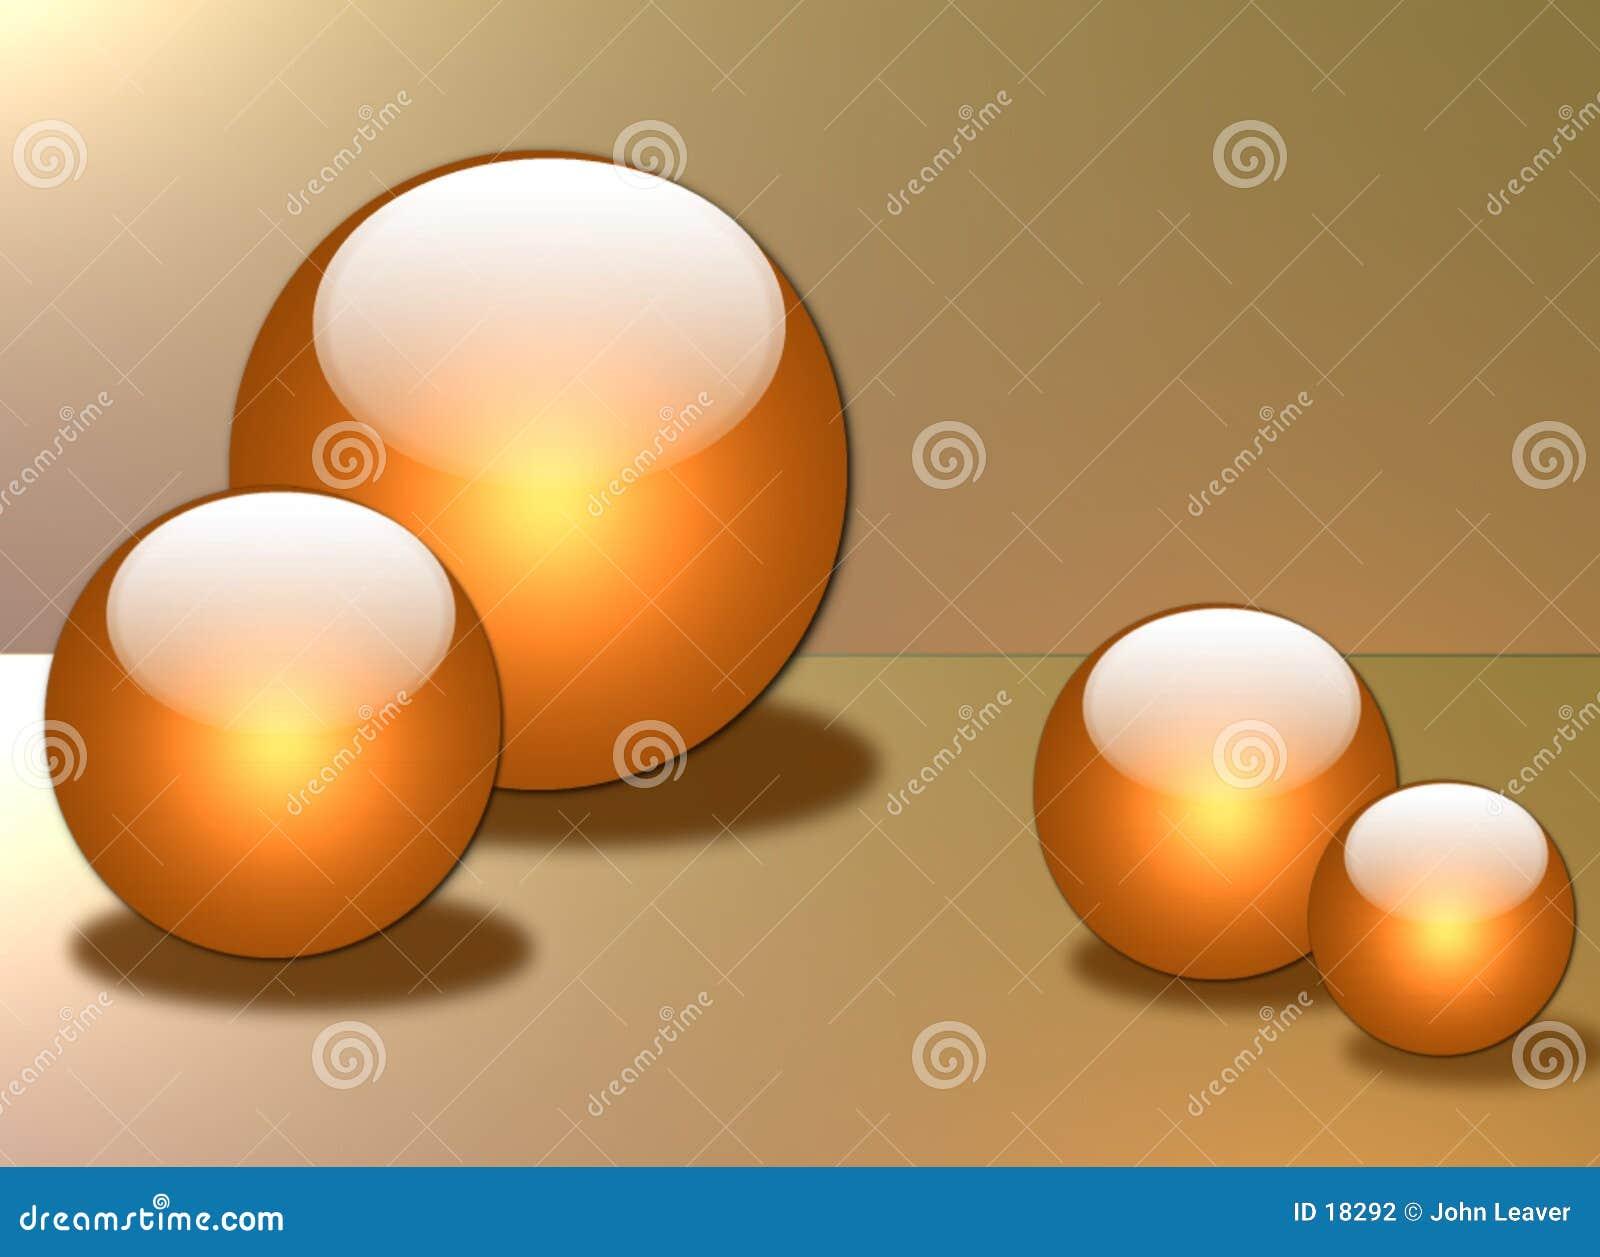 стеклянные сферы